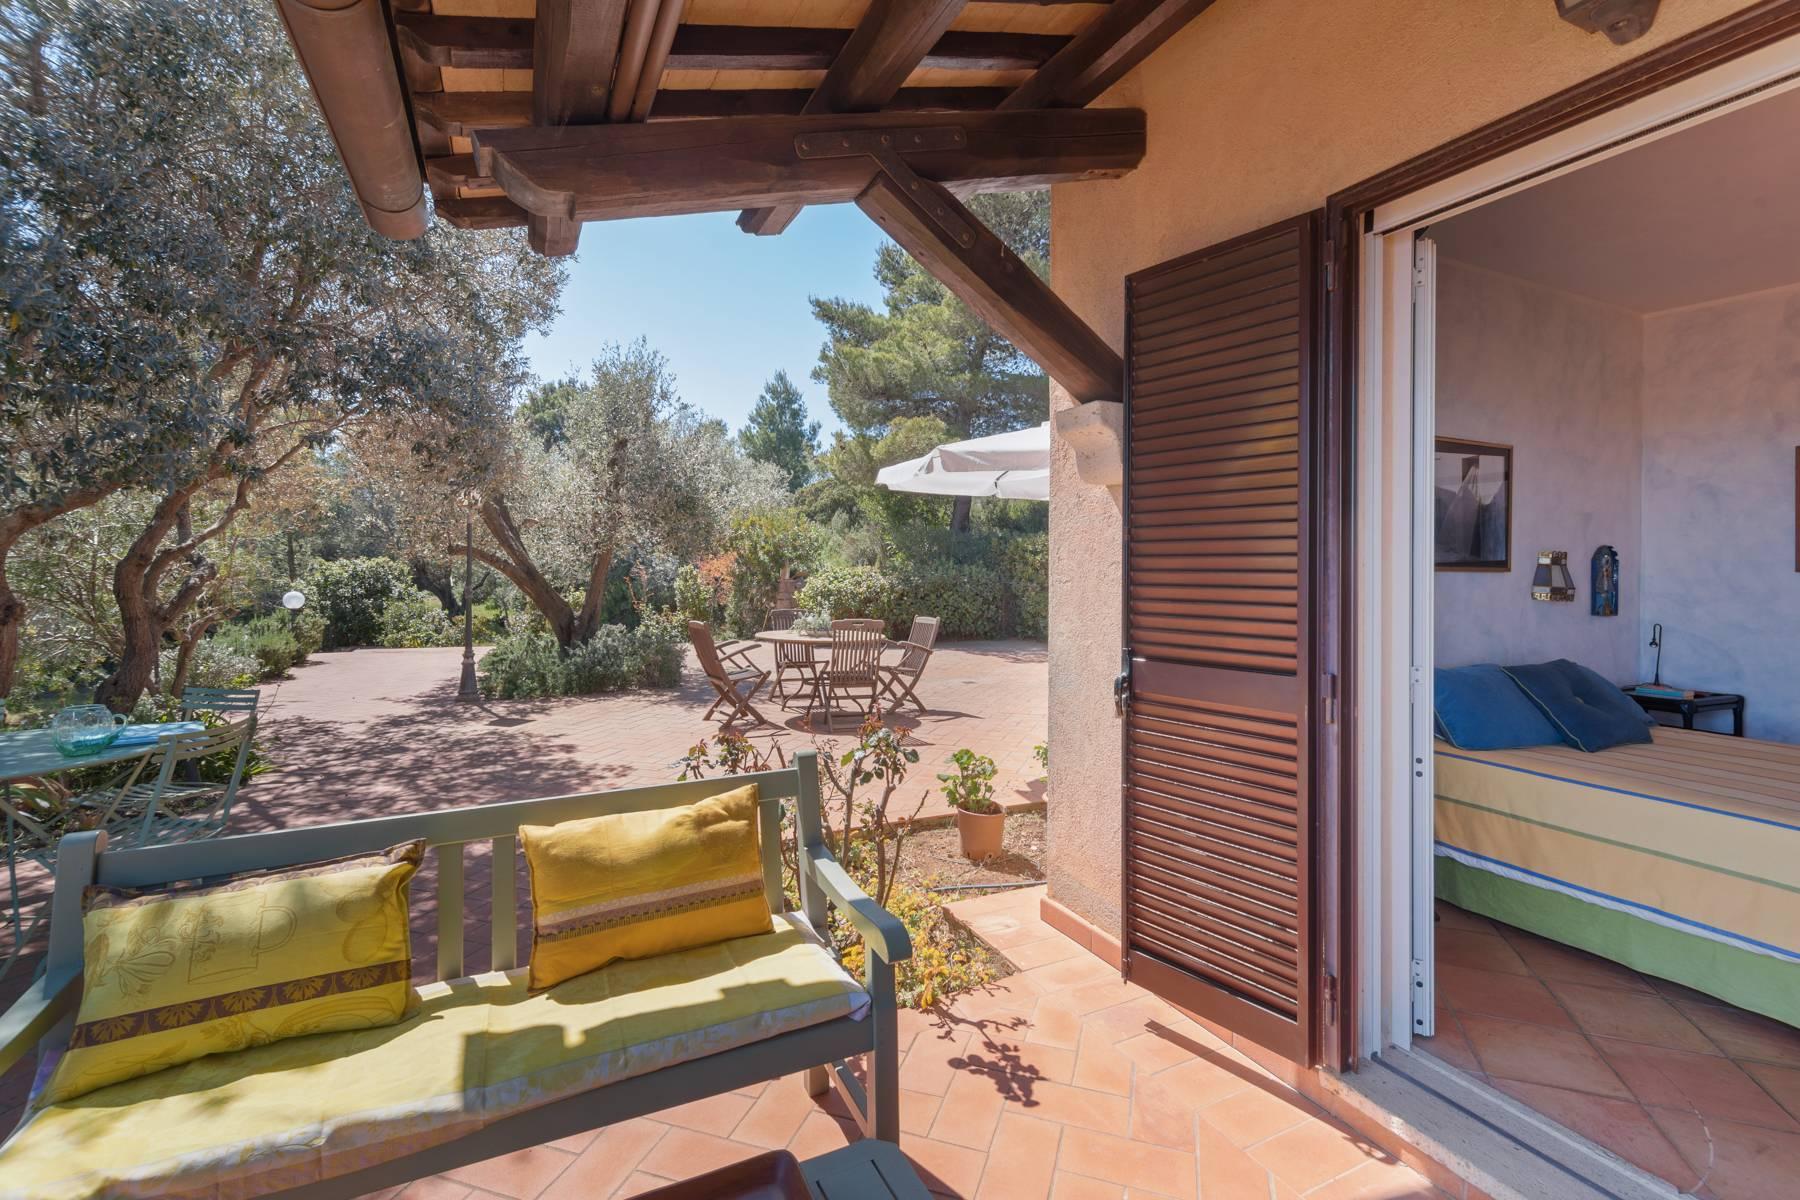 Villa in Vendita a Monte Argentario: 5 locali, 124 mq - Foto 16